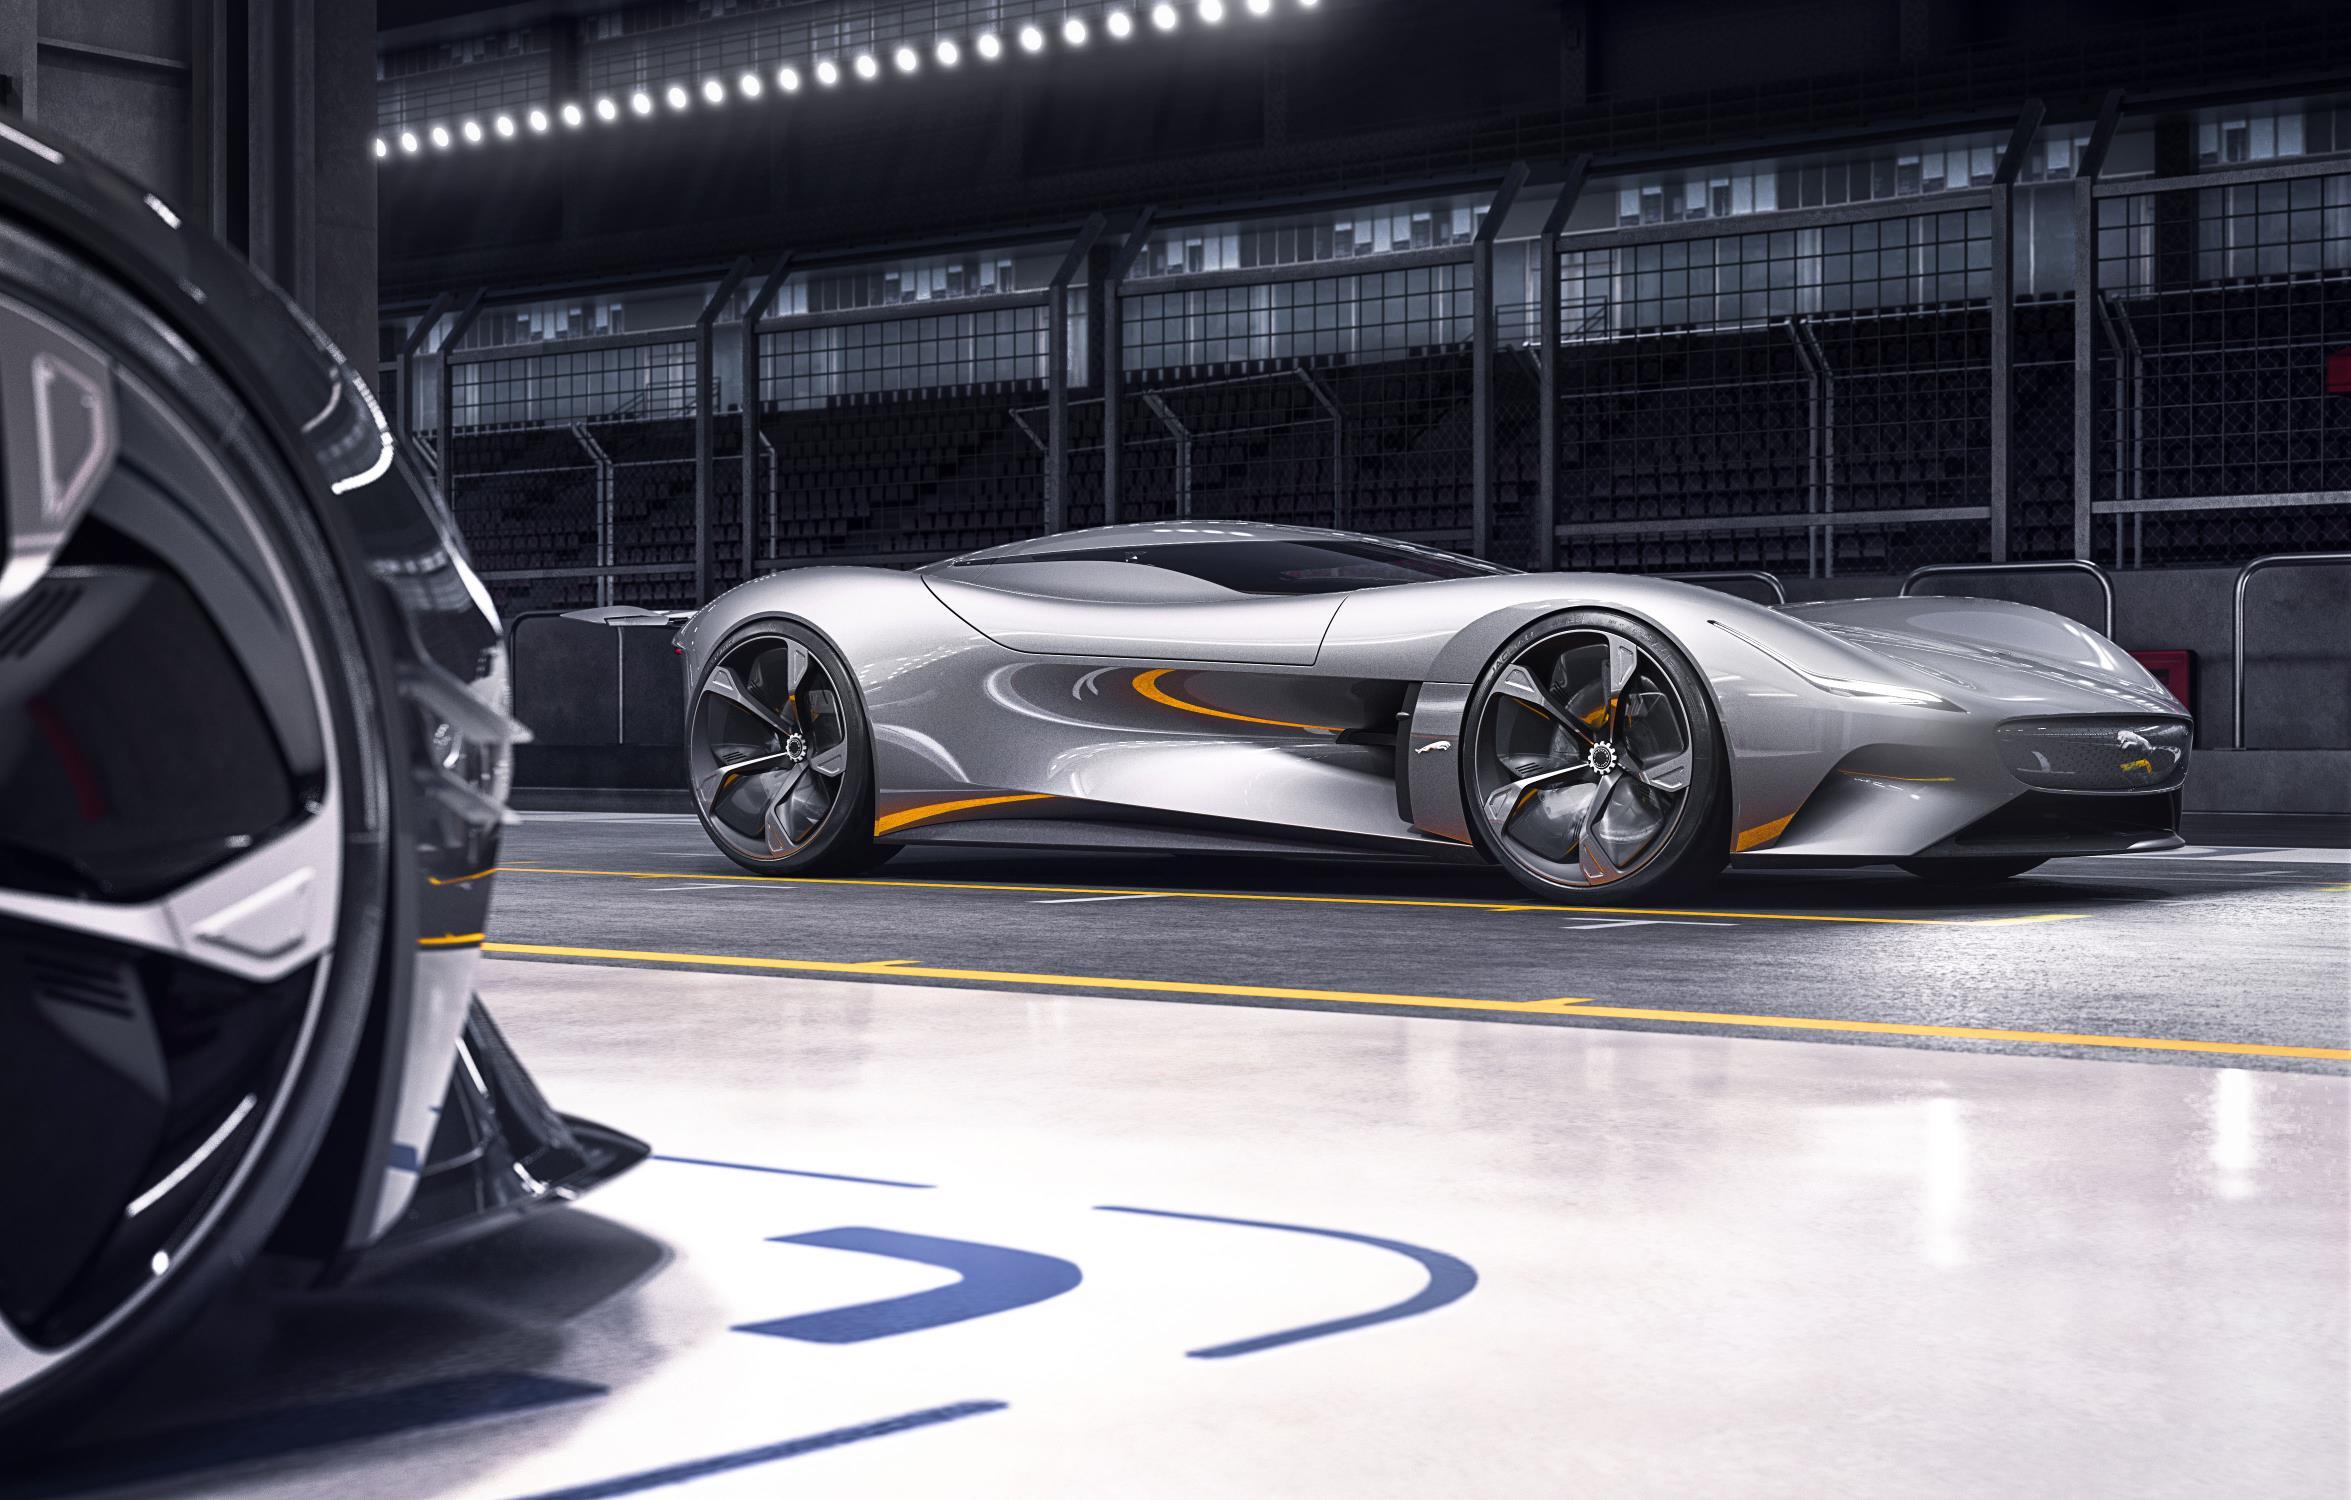 Silver Jaguar Vision Gran Turismo